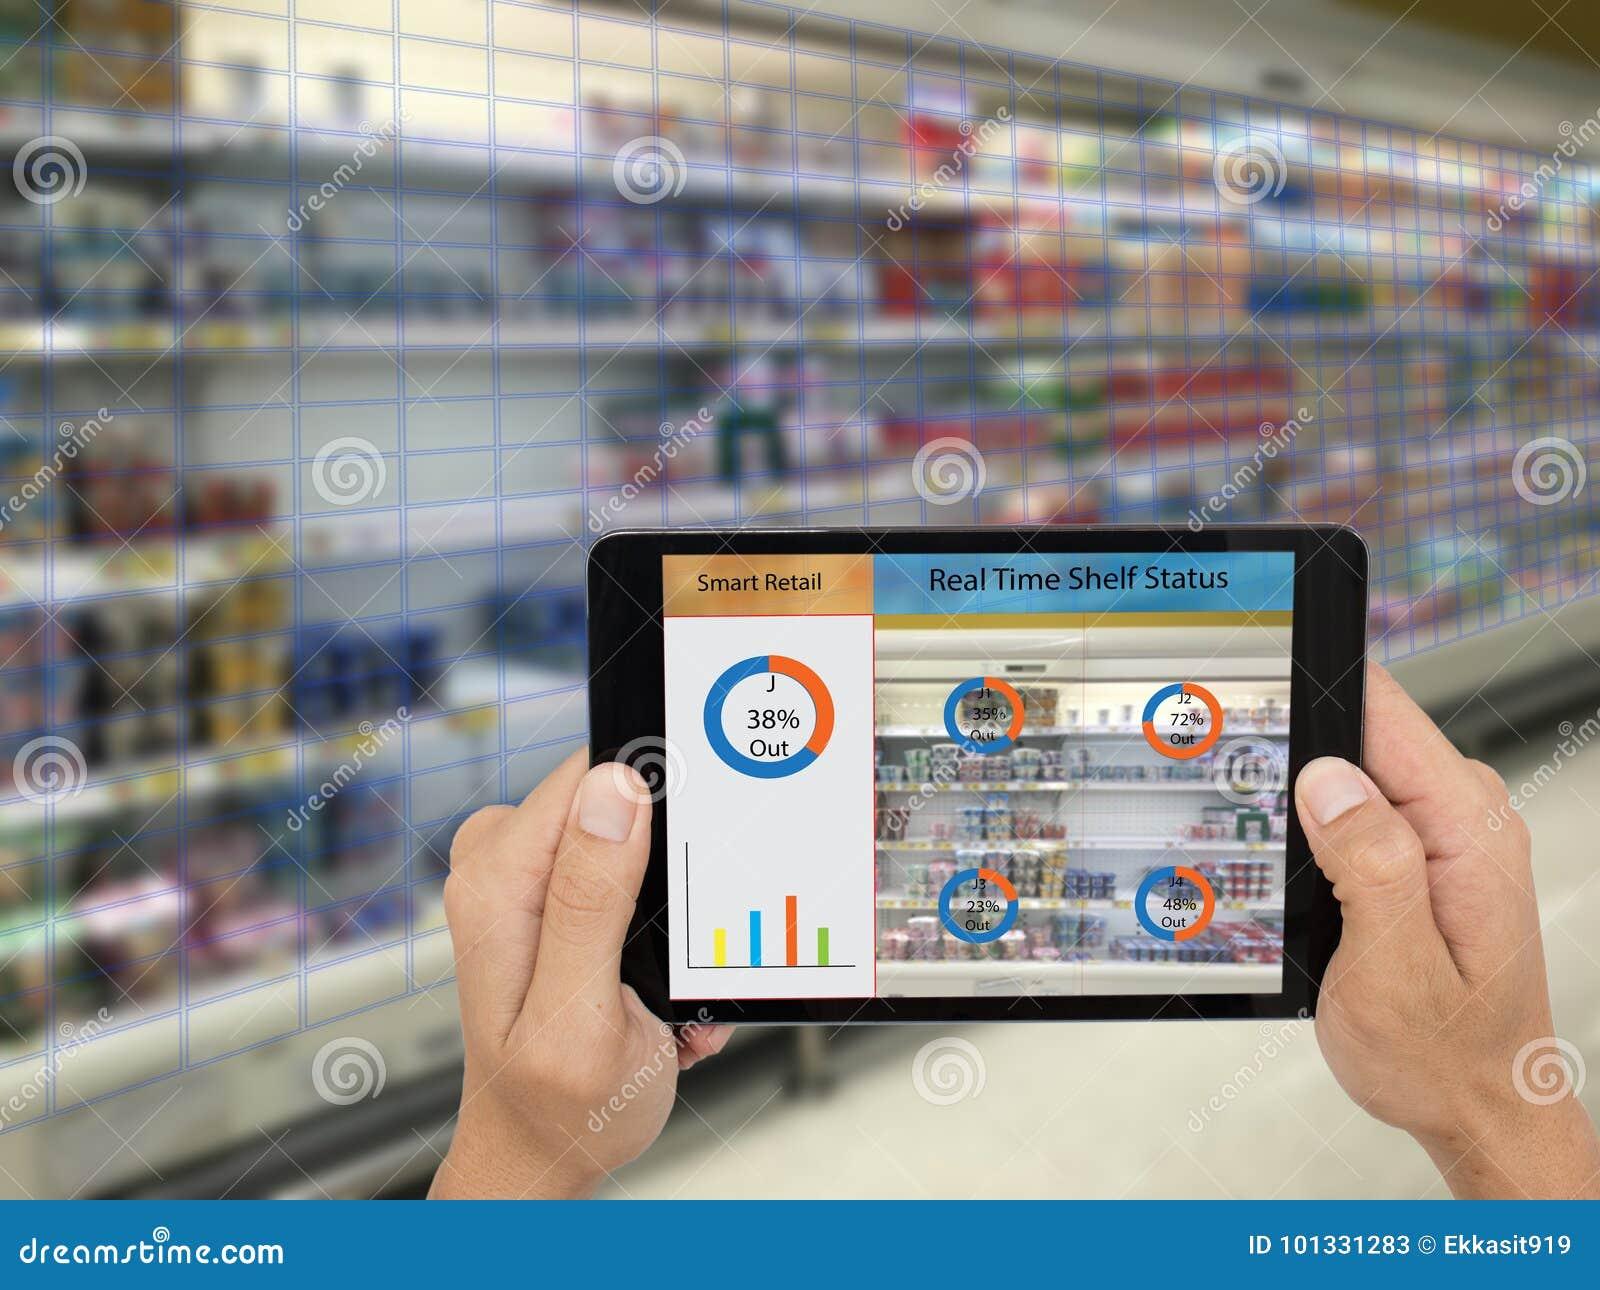 Iot internet av saker, smarta återförsäljnings- begrepp, chef för a-lager_ s kan kontrollera vilka data av realtidsinblickar in i